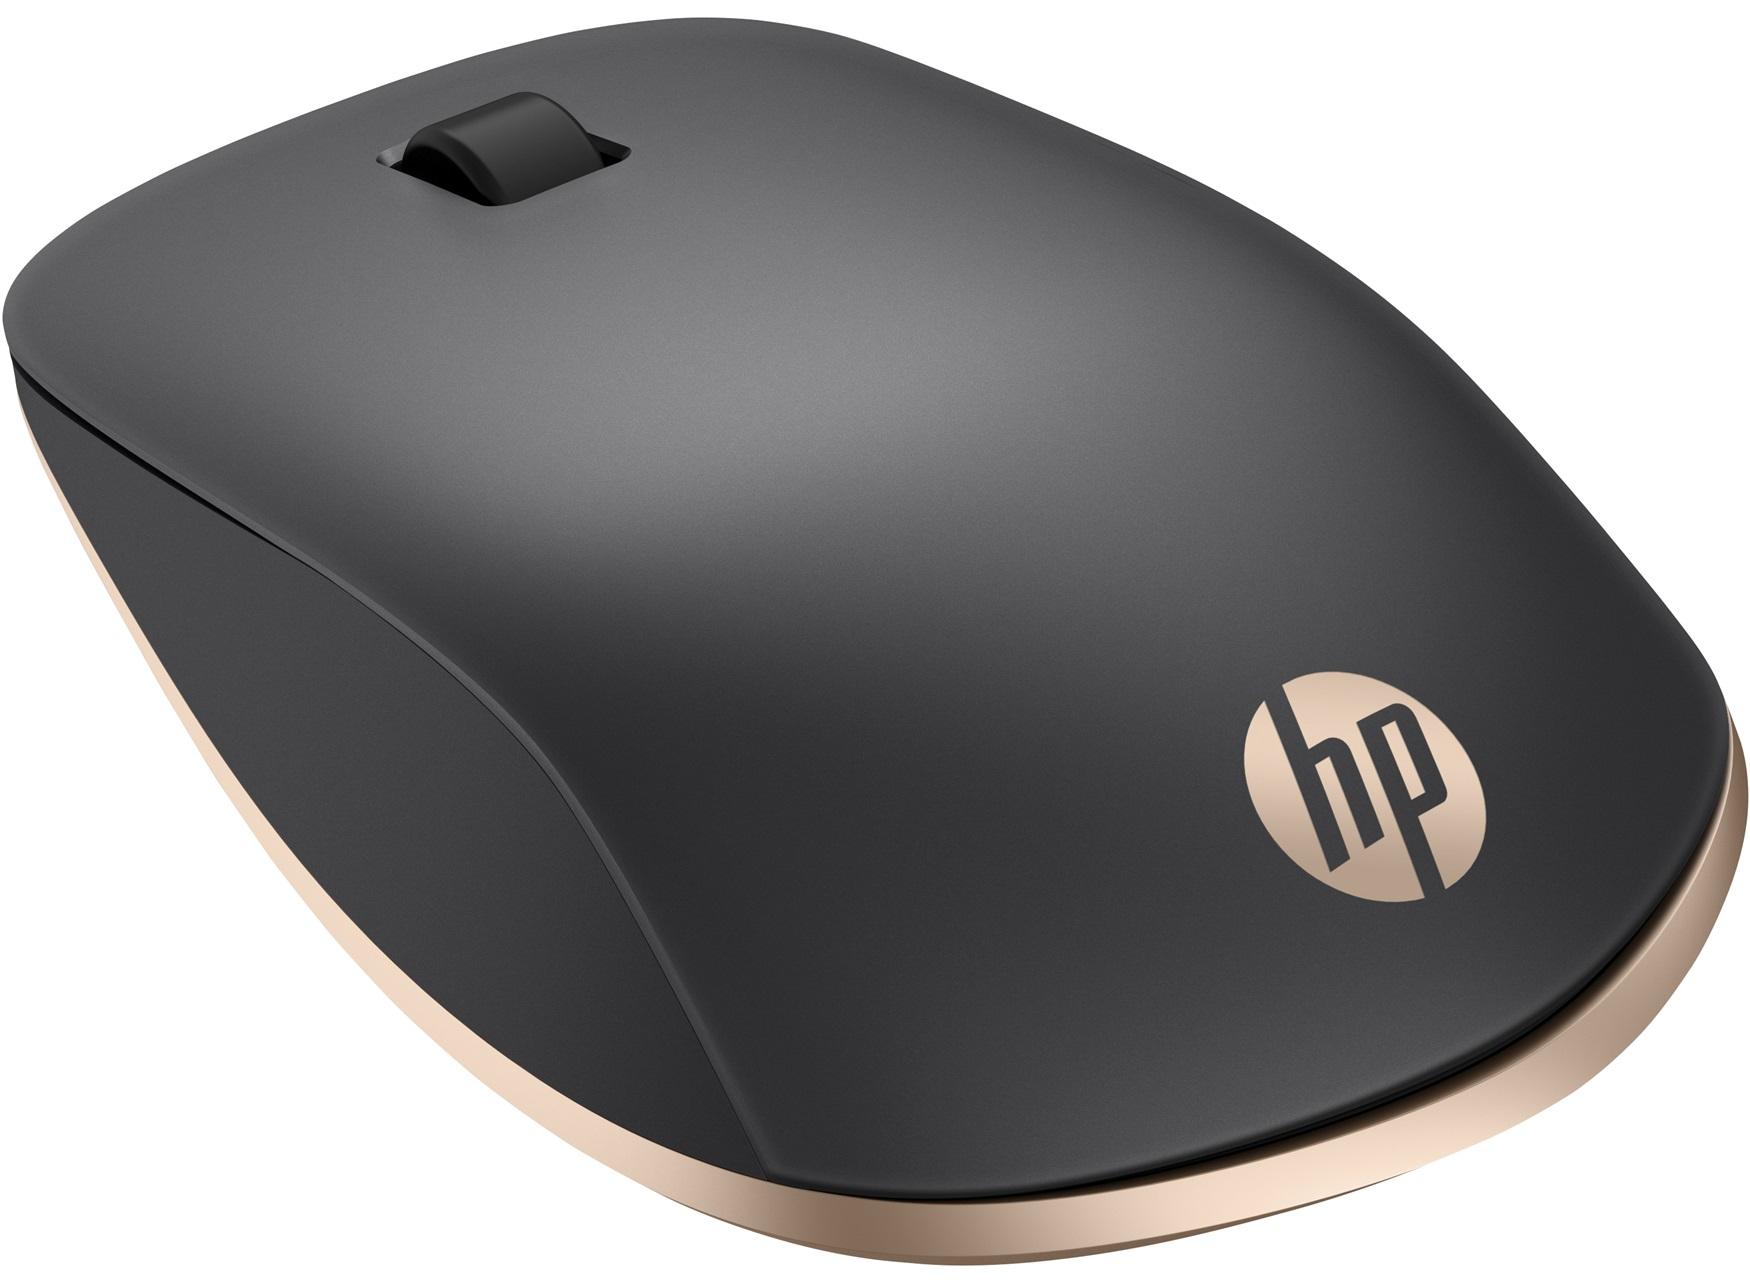 Kabellose BT Maus, HP Z5000 Wireless-Maus Spectre Edition [HP-Store]